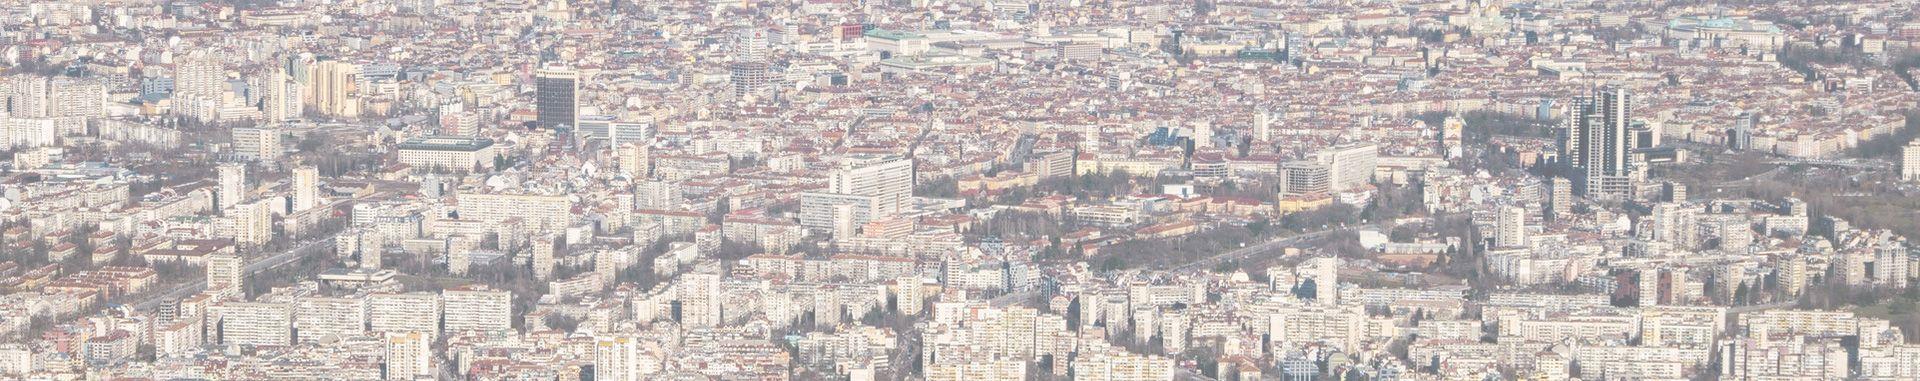 град София кадър от въздуха